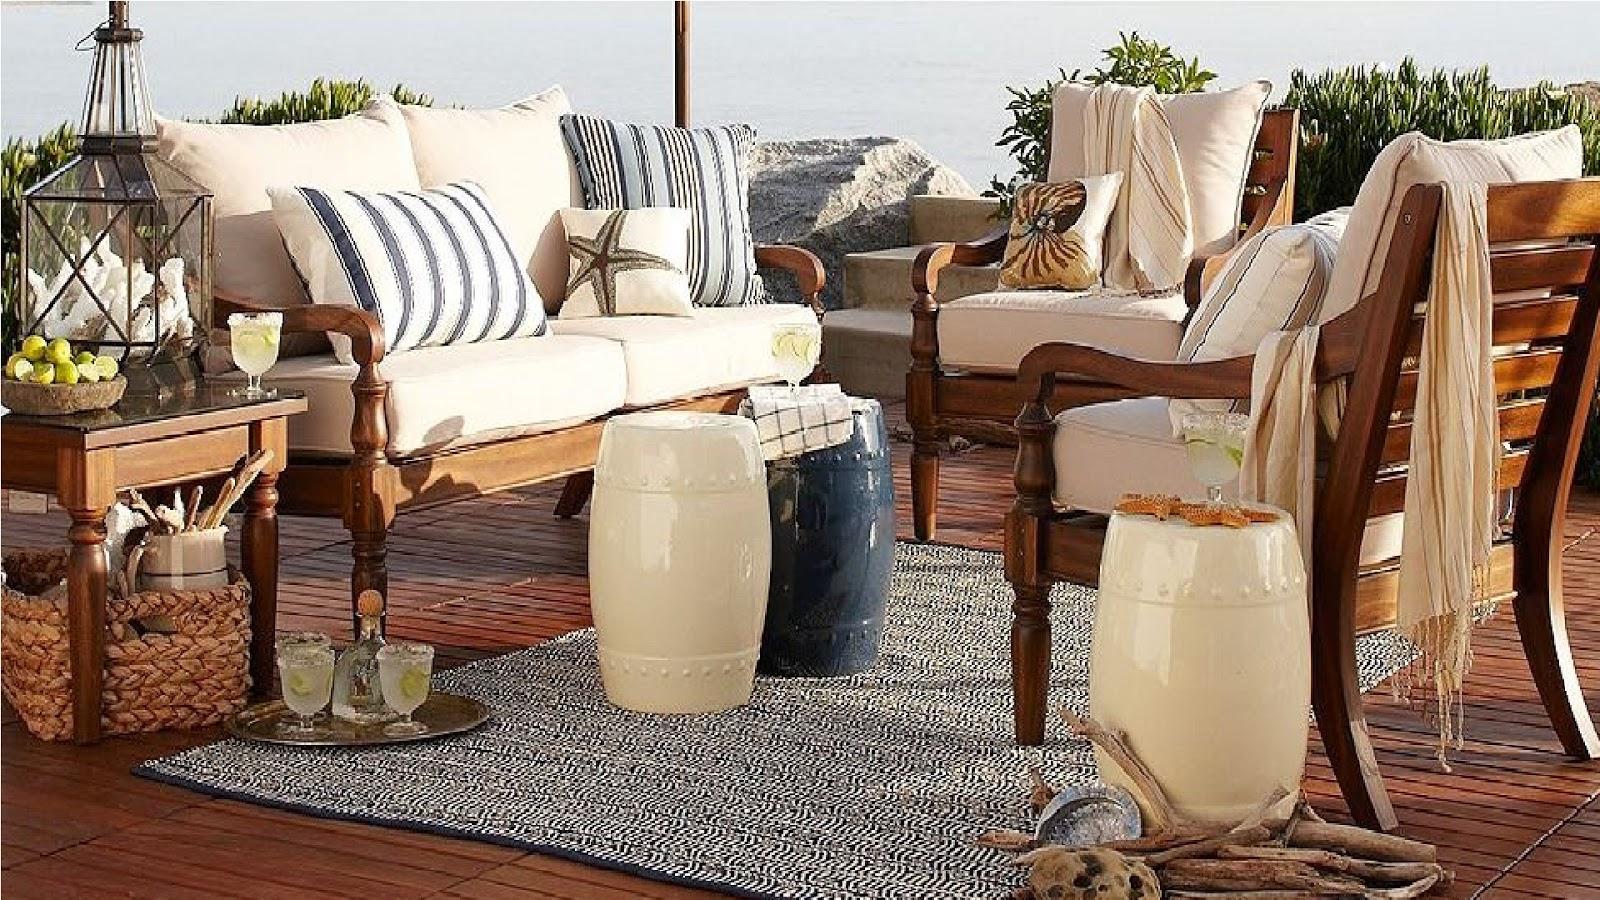 Muebles para exteriores oudoor furniture seccionales - Muebles para exteriores ...